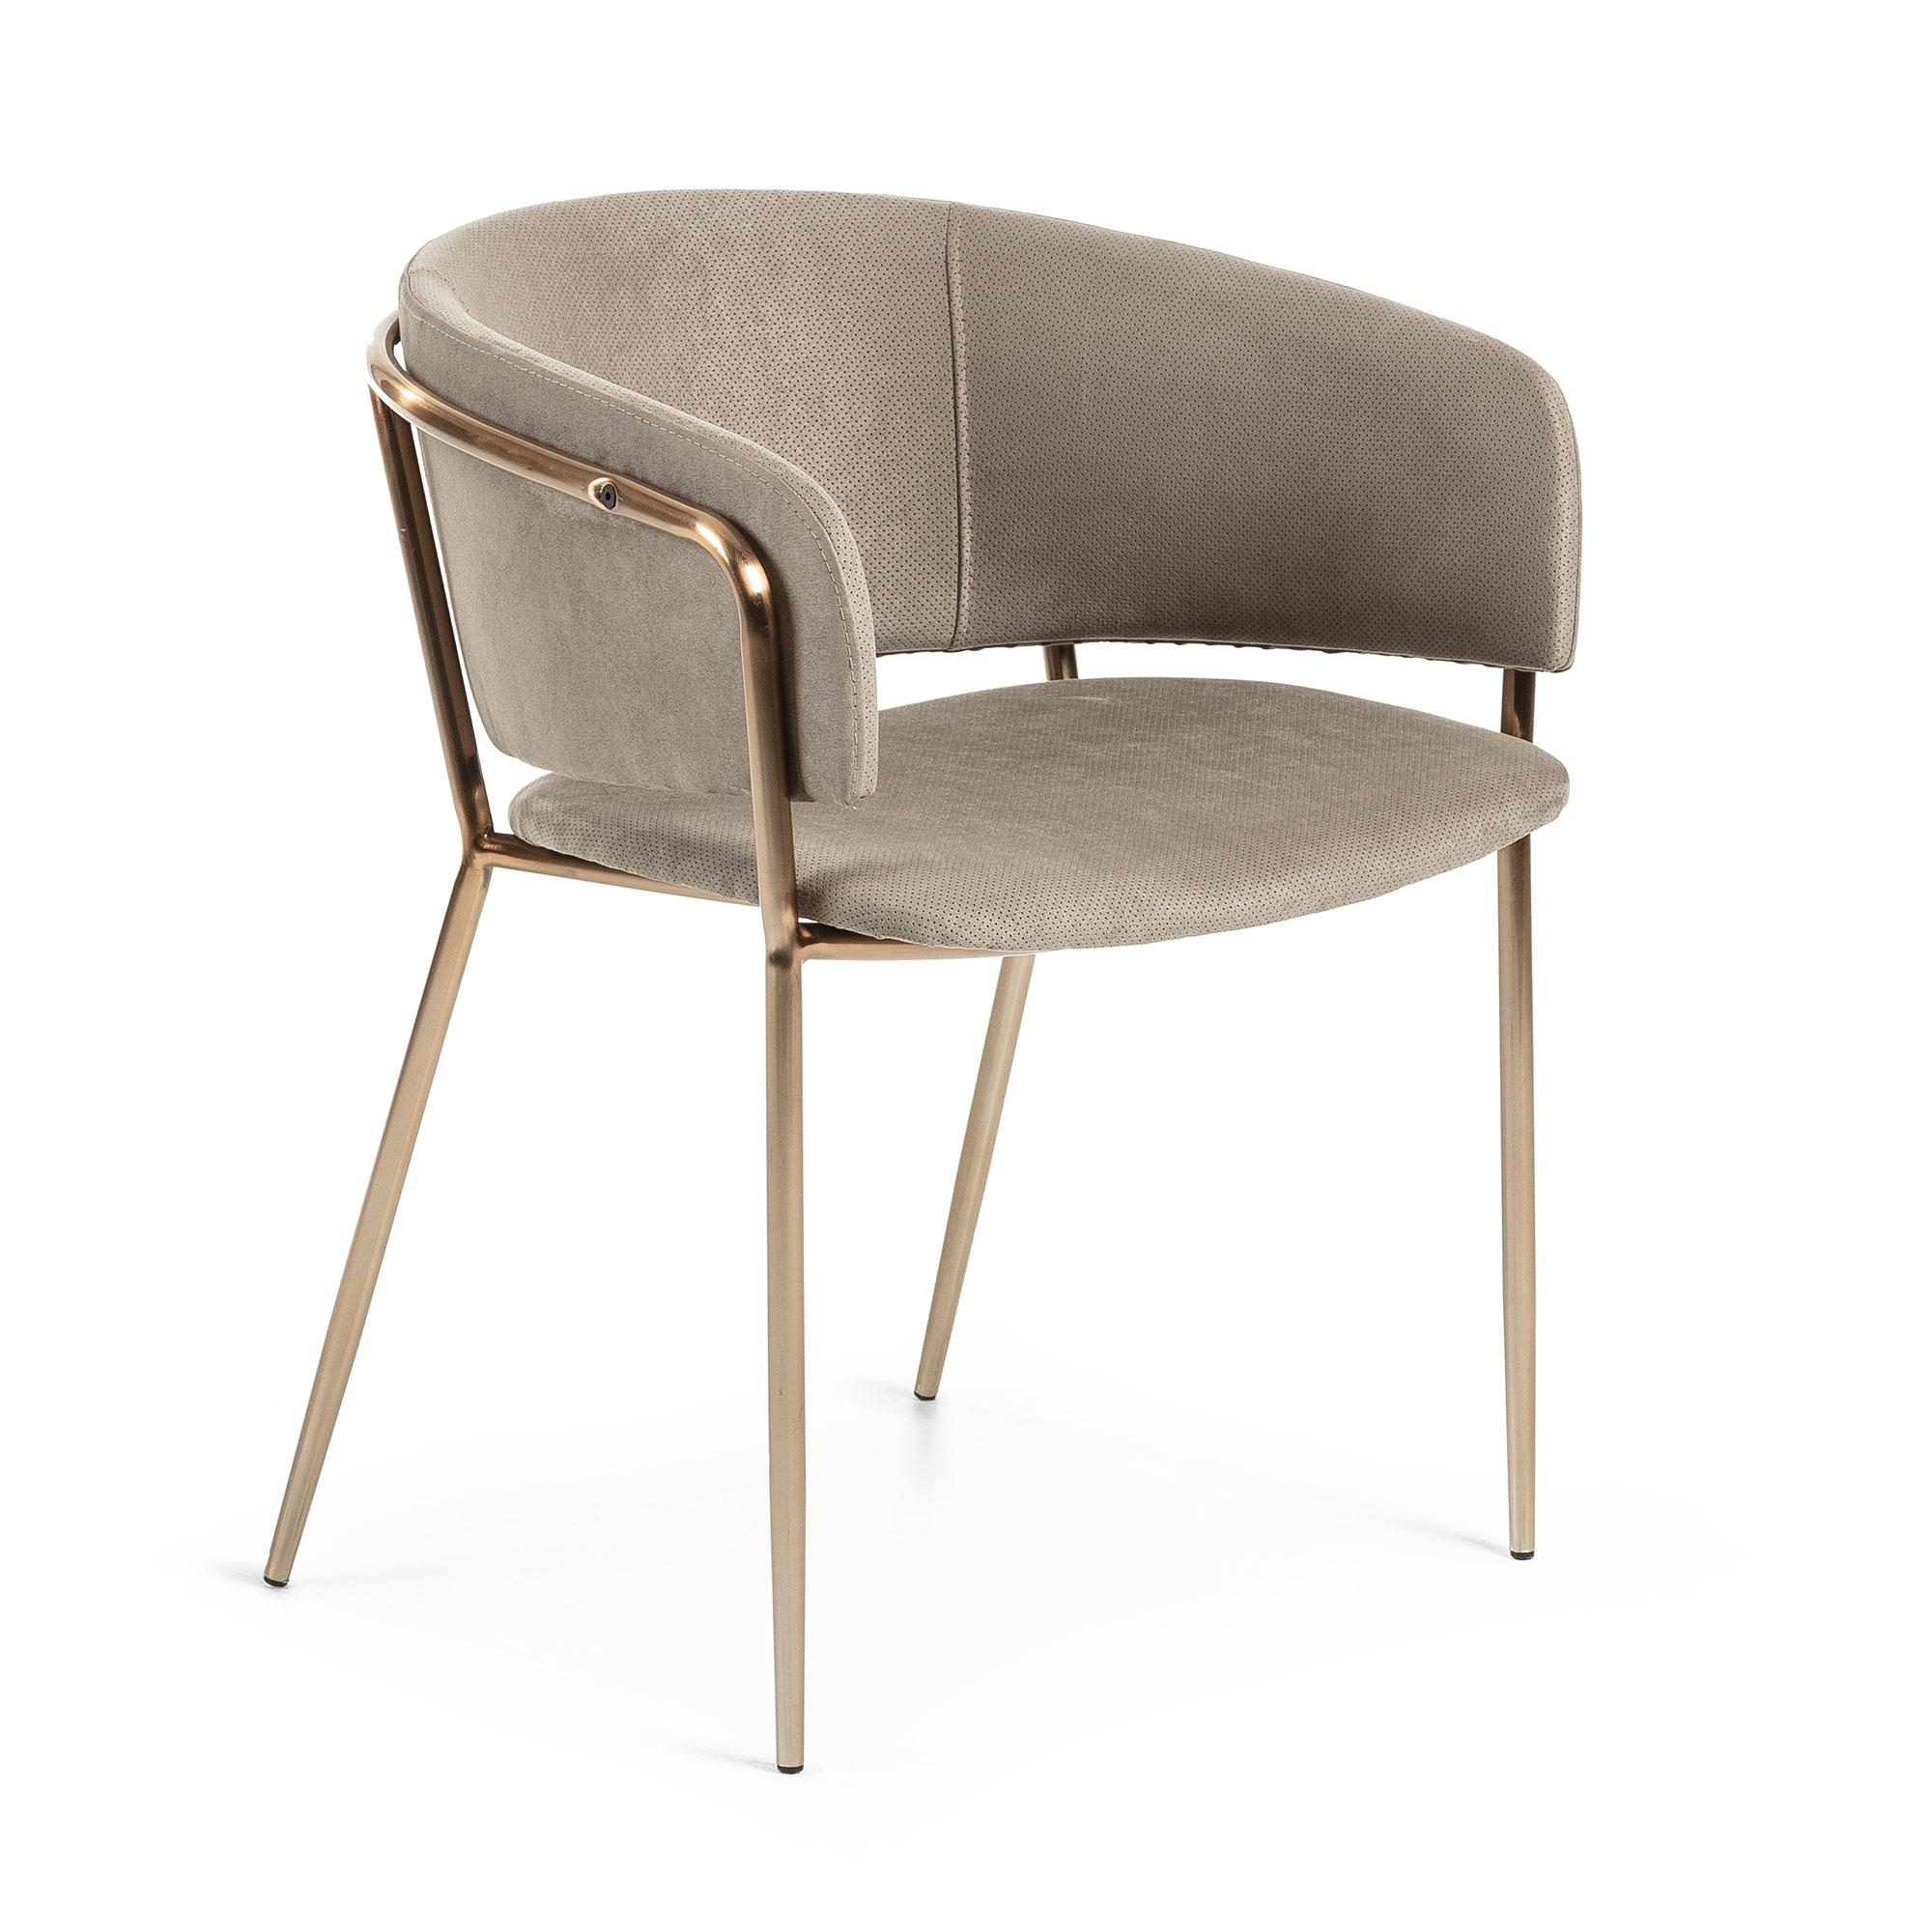 laforma Laforma konnie spisebordsstole - taupe/kobber fløjlstof/stål, m. armlæn på boboonline.dk